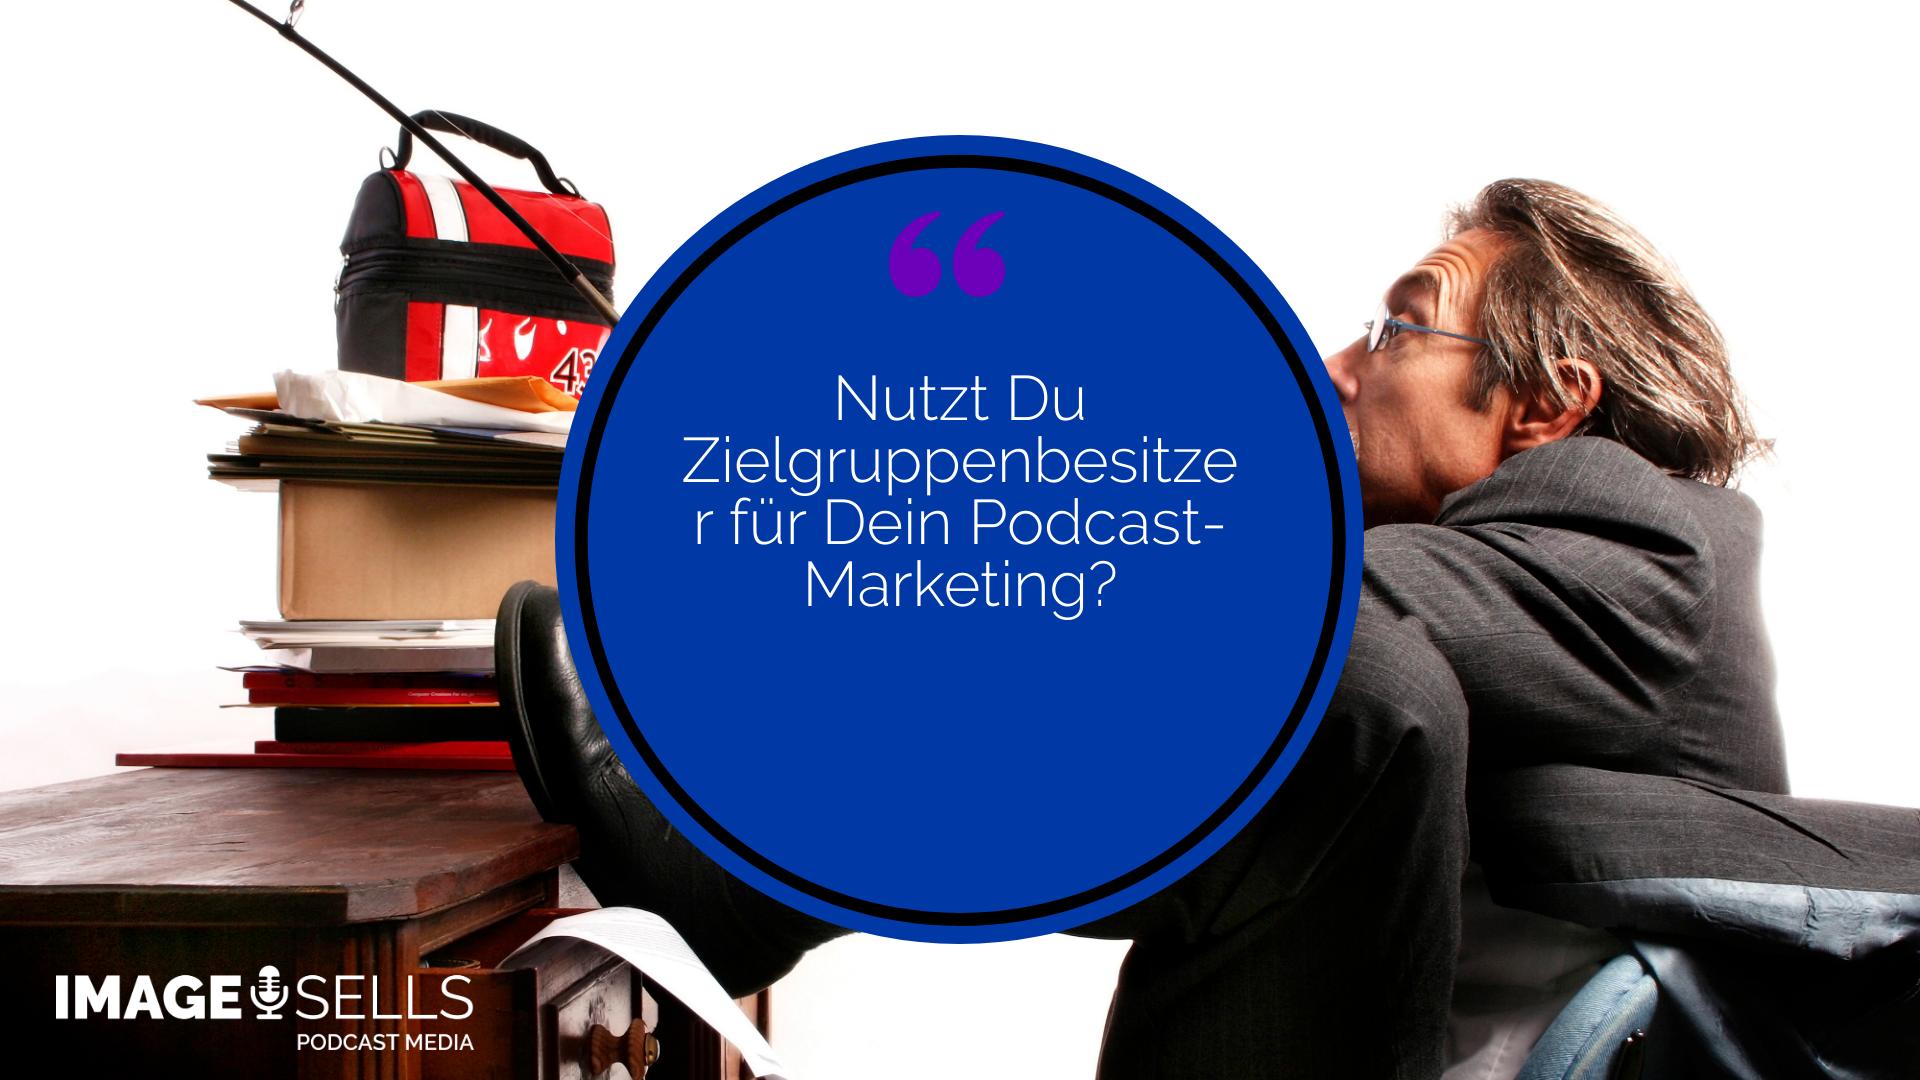 Mit Zielgruppenbesitzern den Podcast besser vermarkten